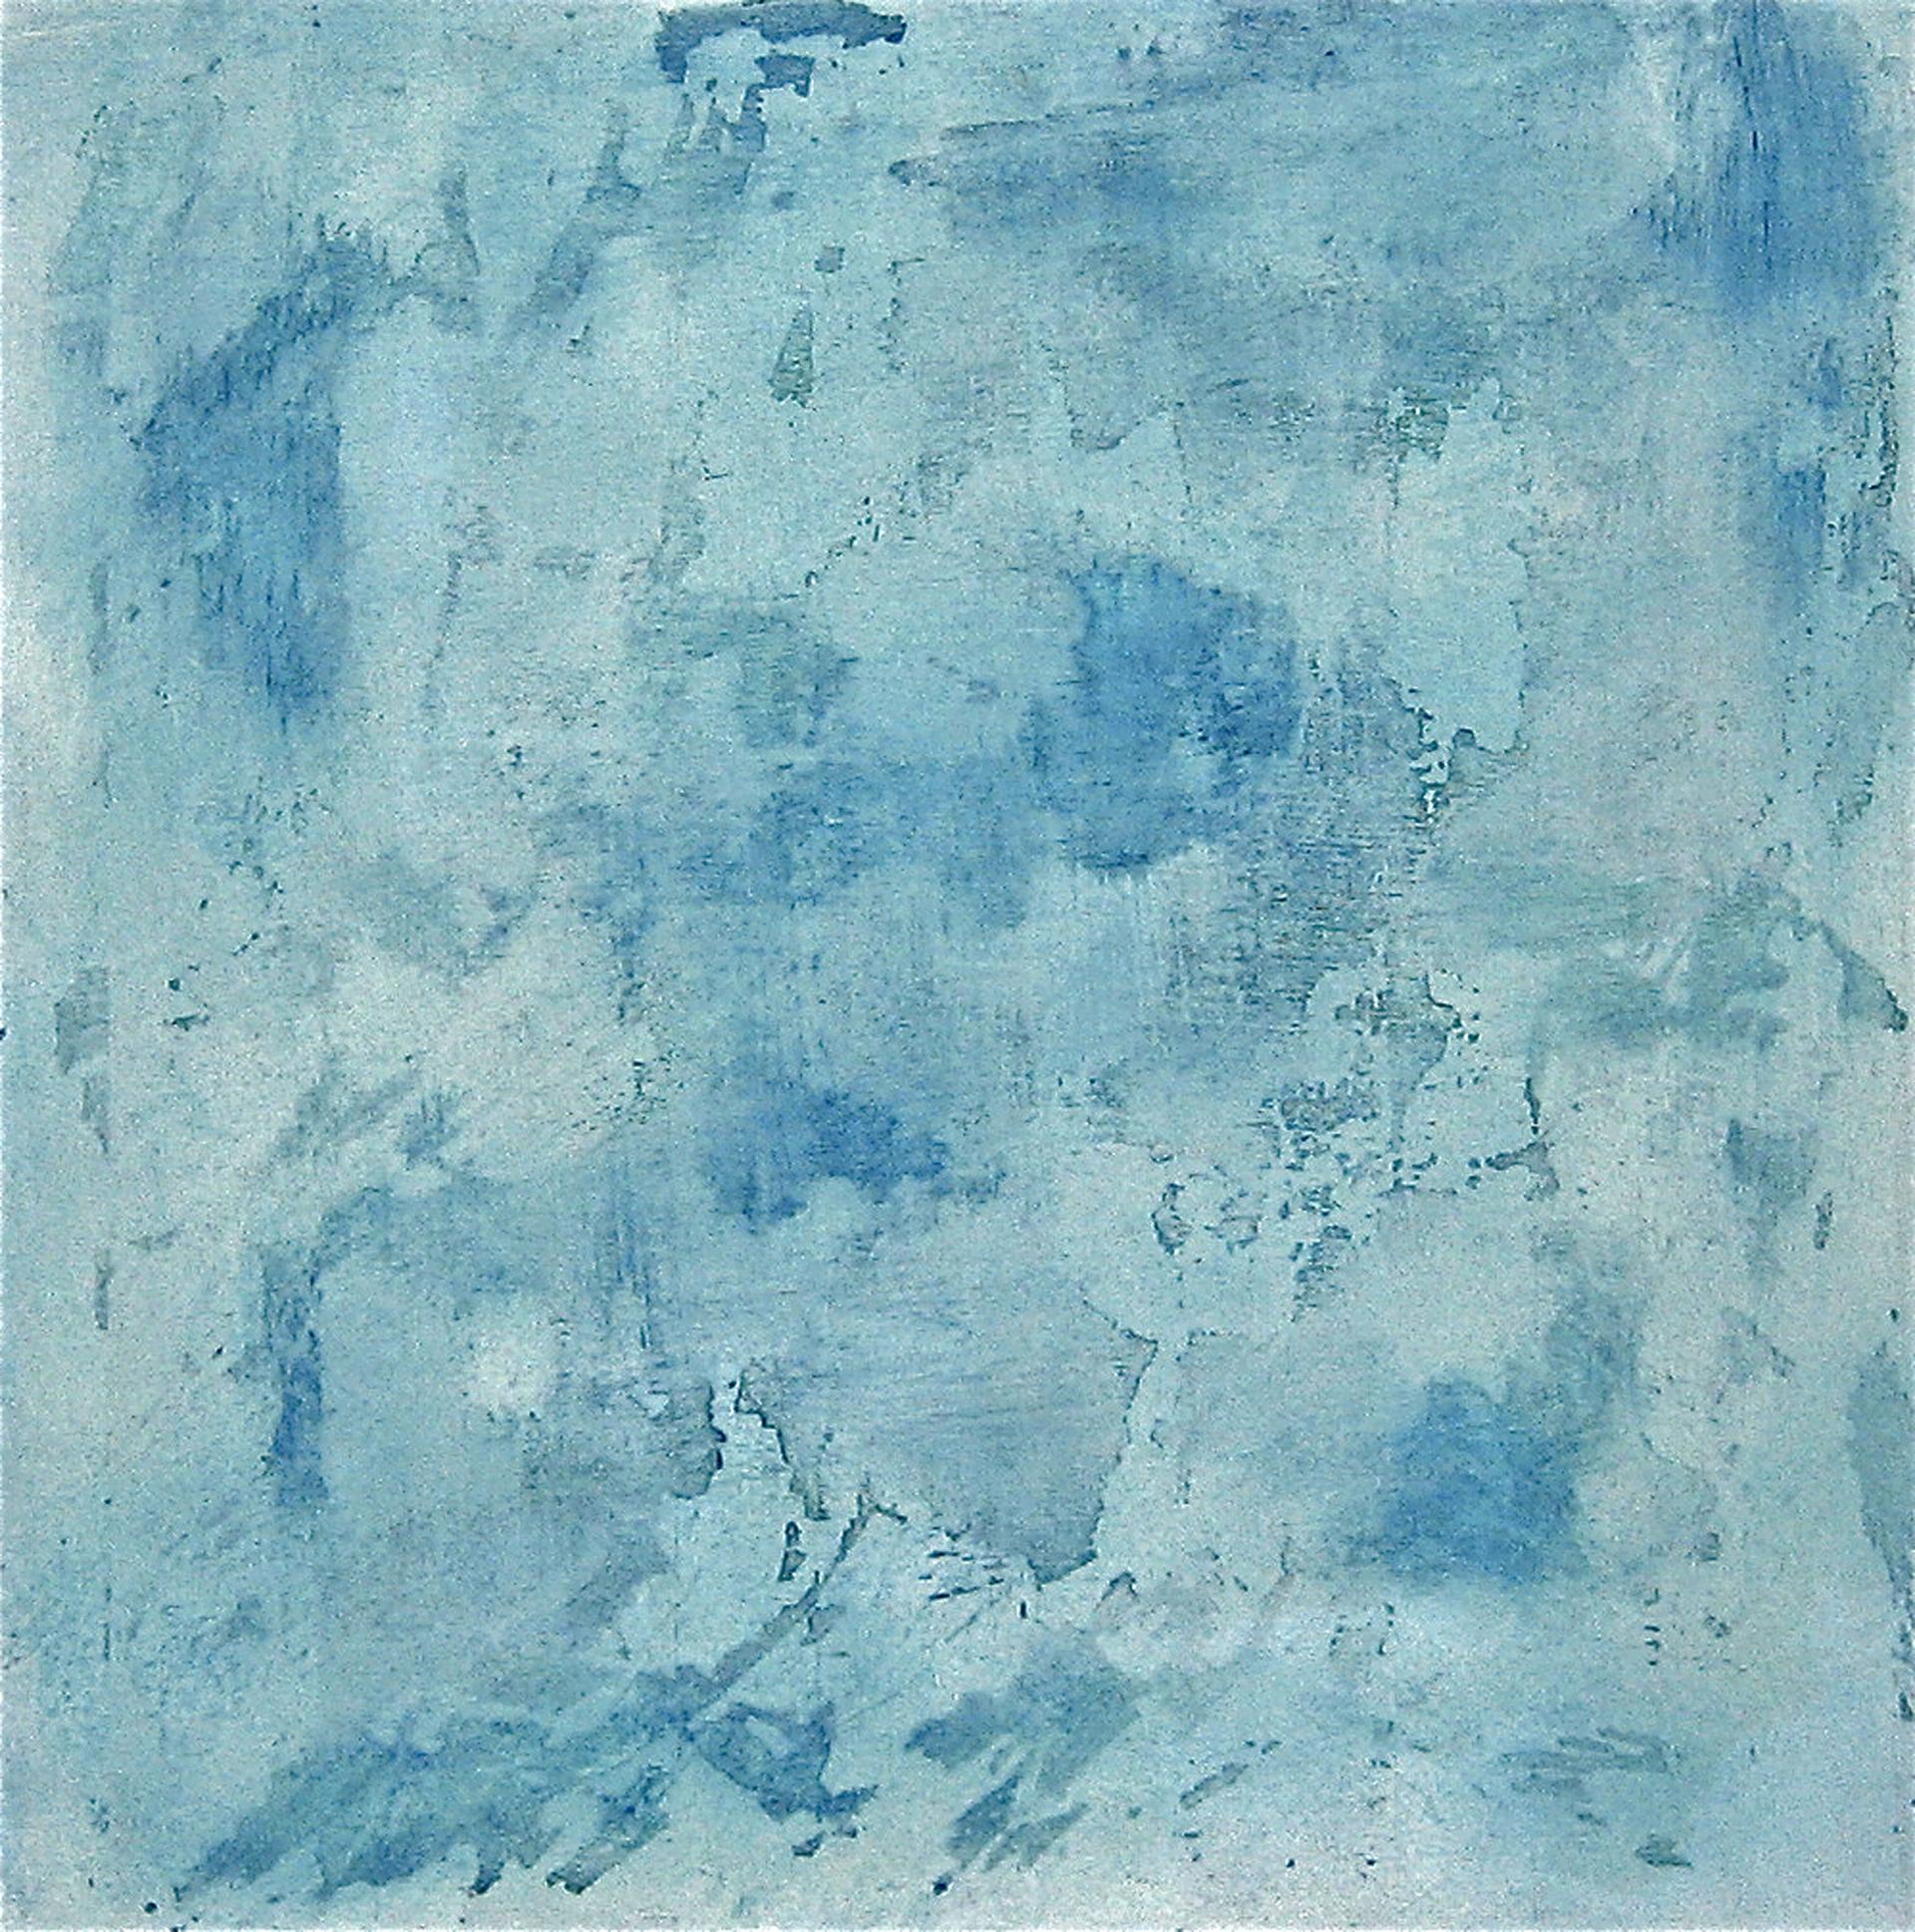 Icemelt, 2012, 30 x 30cm